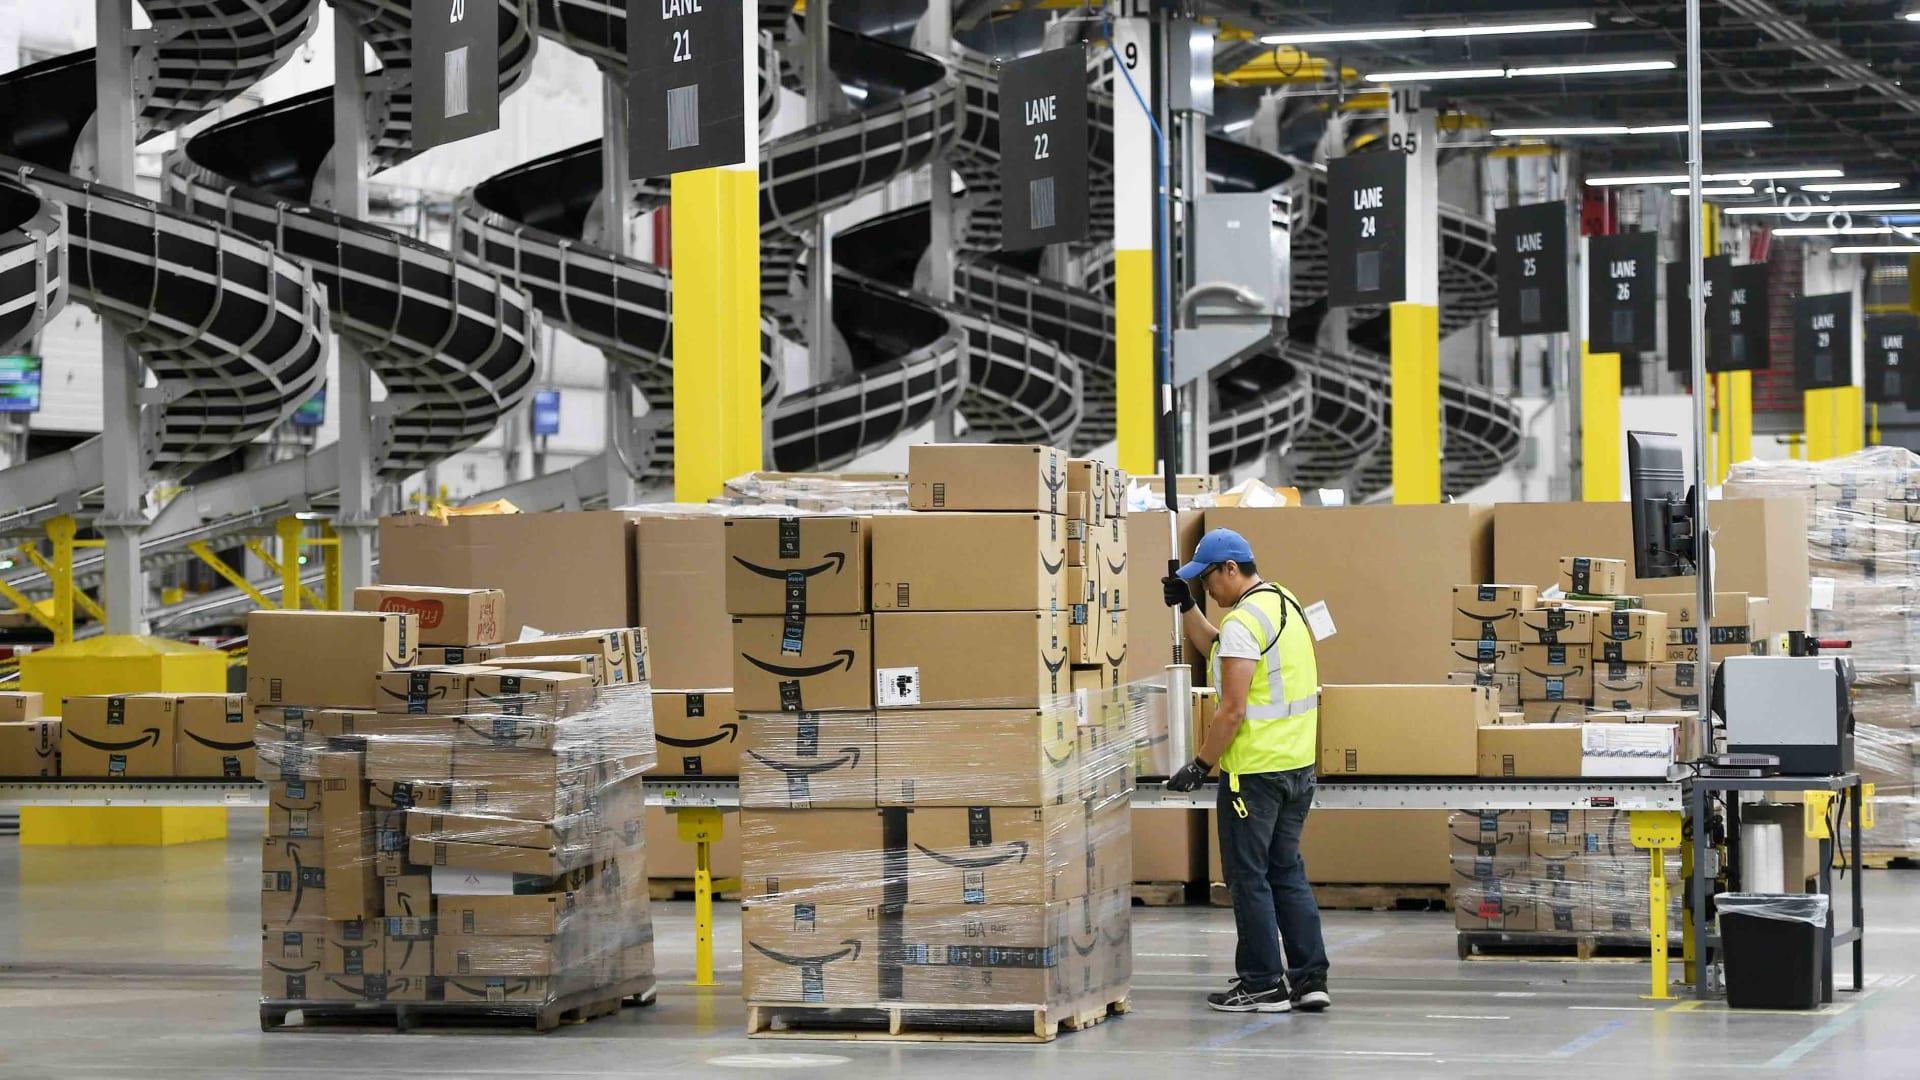 Amazon's Fulfillment Center in Thornton, Colorado.